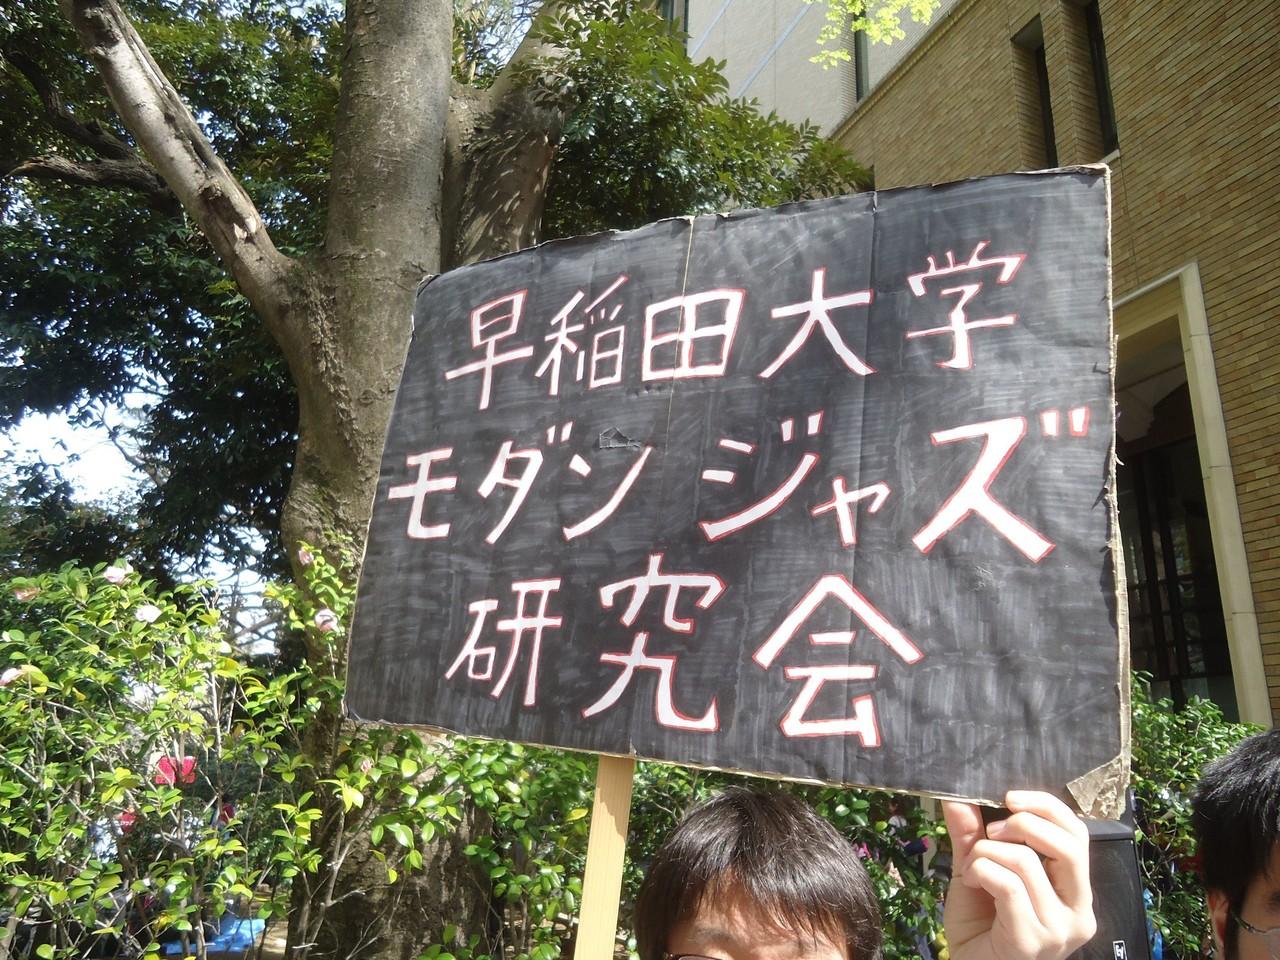 早稲田に行ったとき 入学式でさ 有名な研究会に出会った